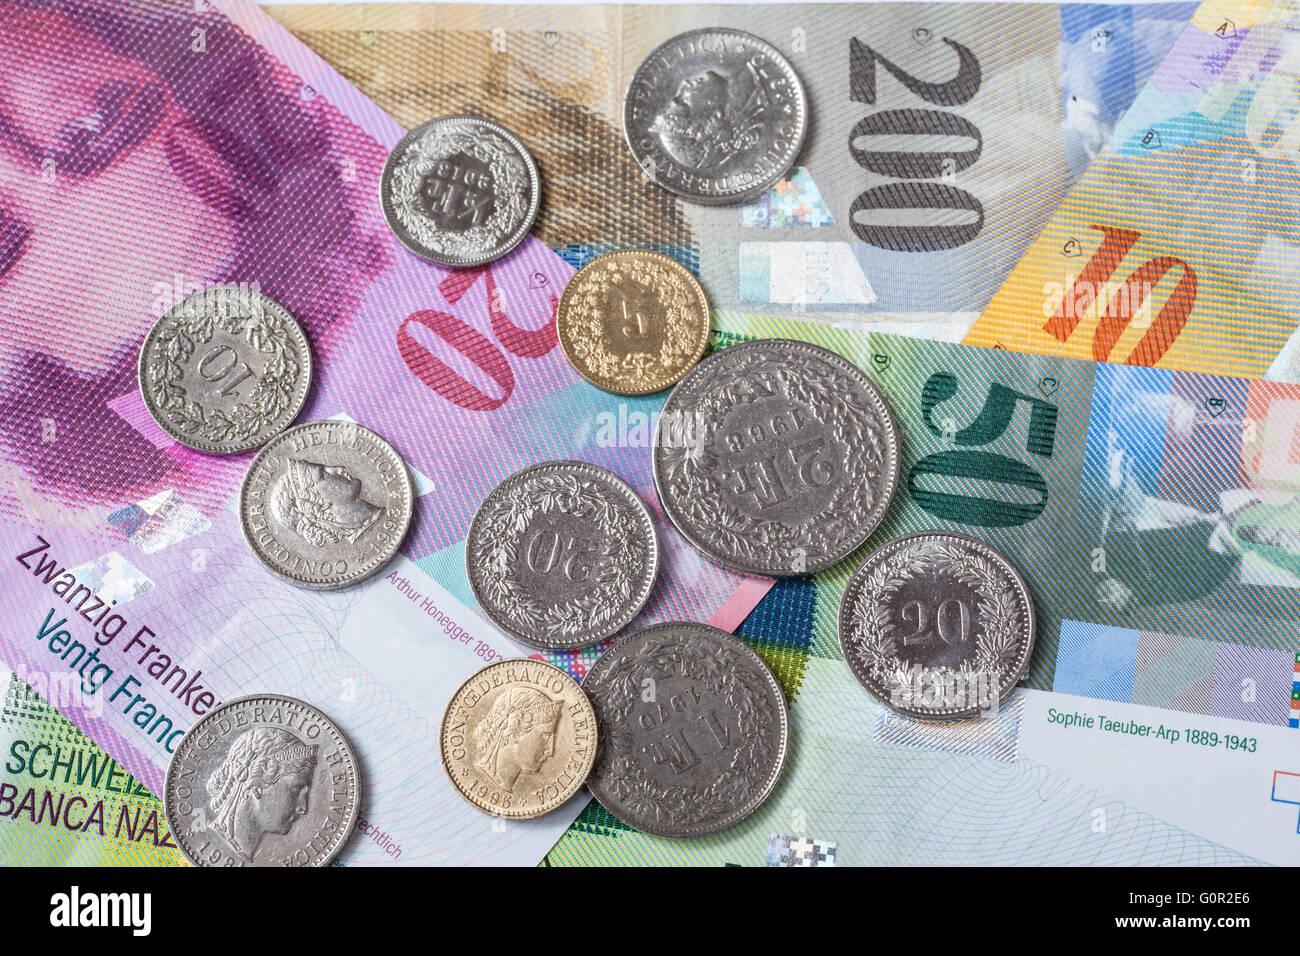 Banknoten Und Münzen Der Schweizer Währung Als Hintergrund Stockfoto